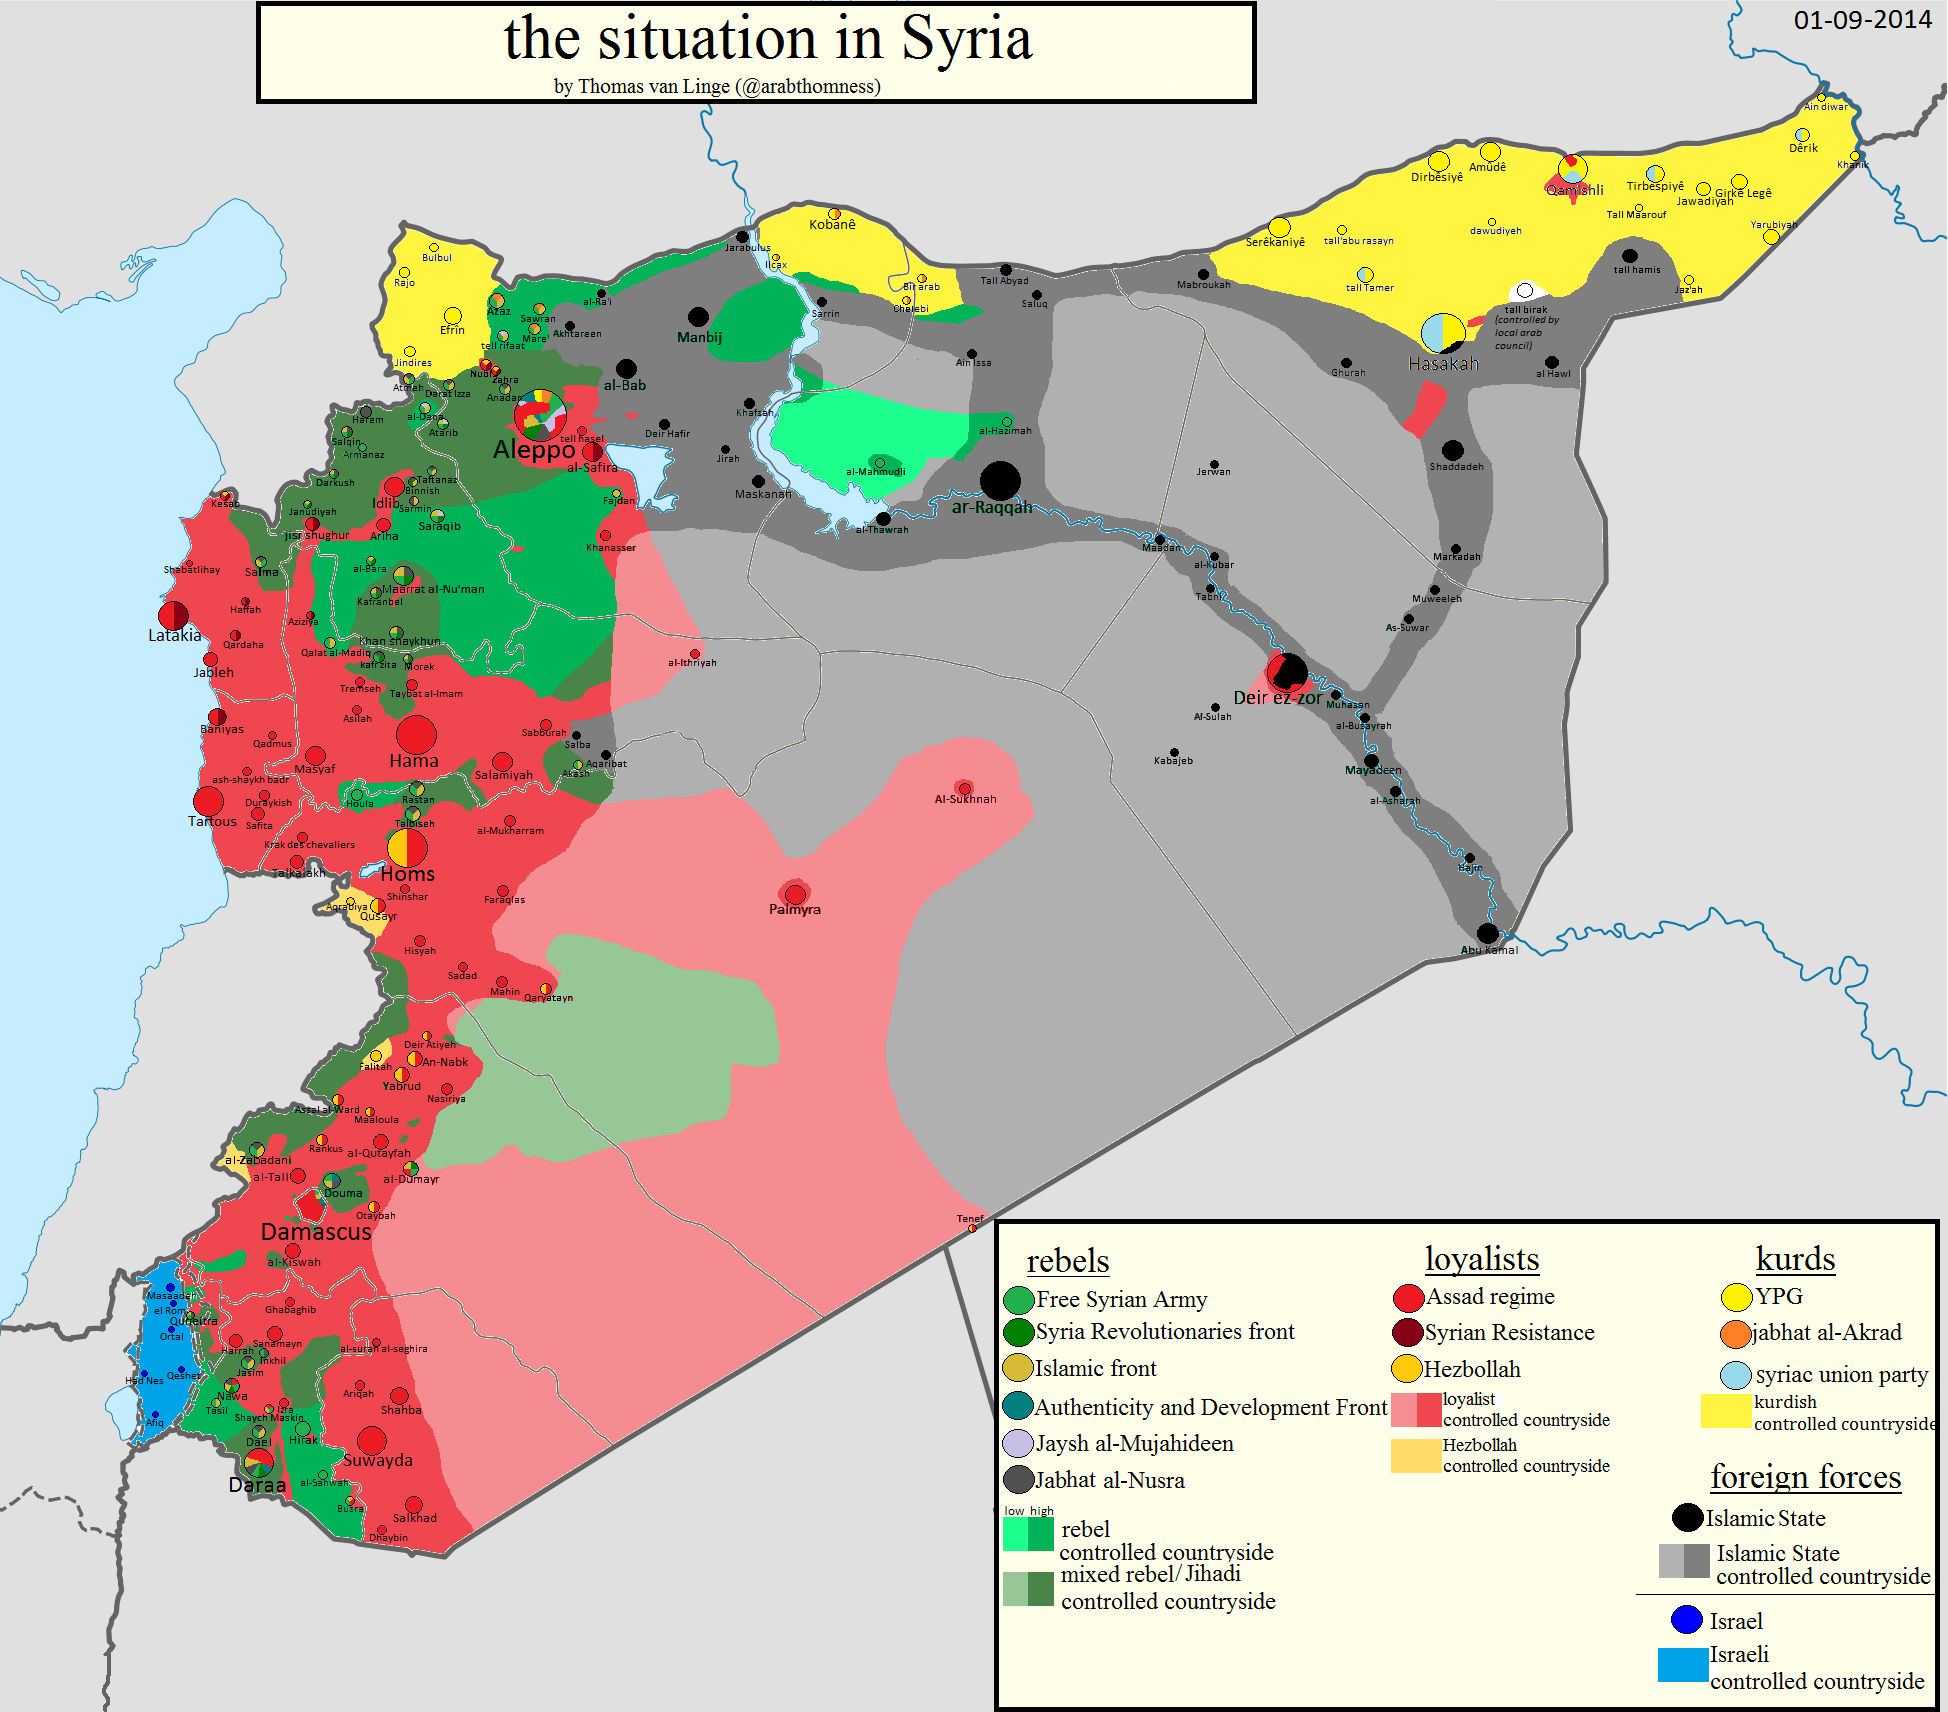 Stanje u Siriji 1. septembar 2014